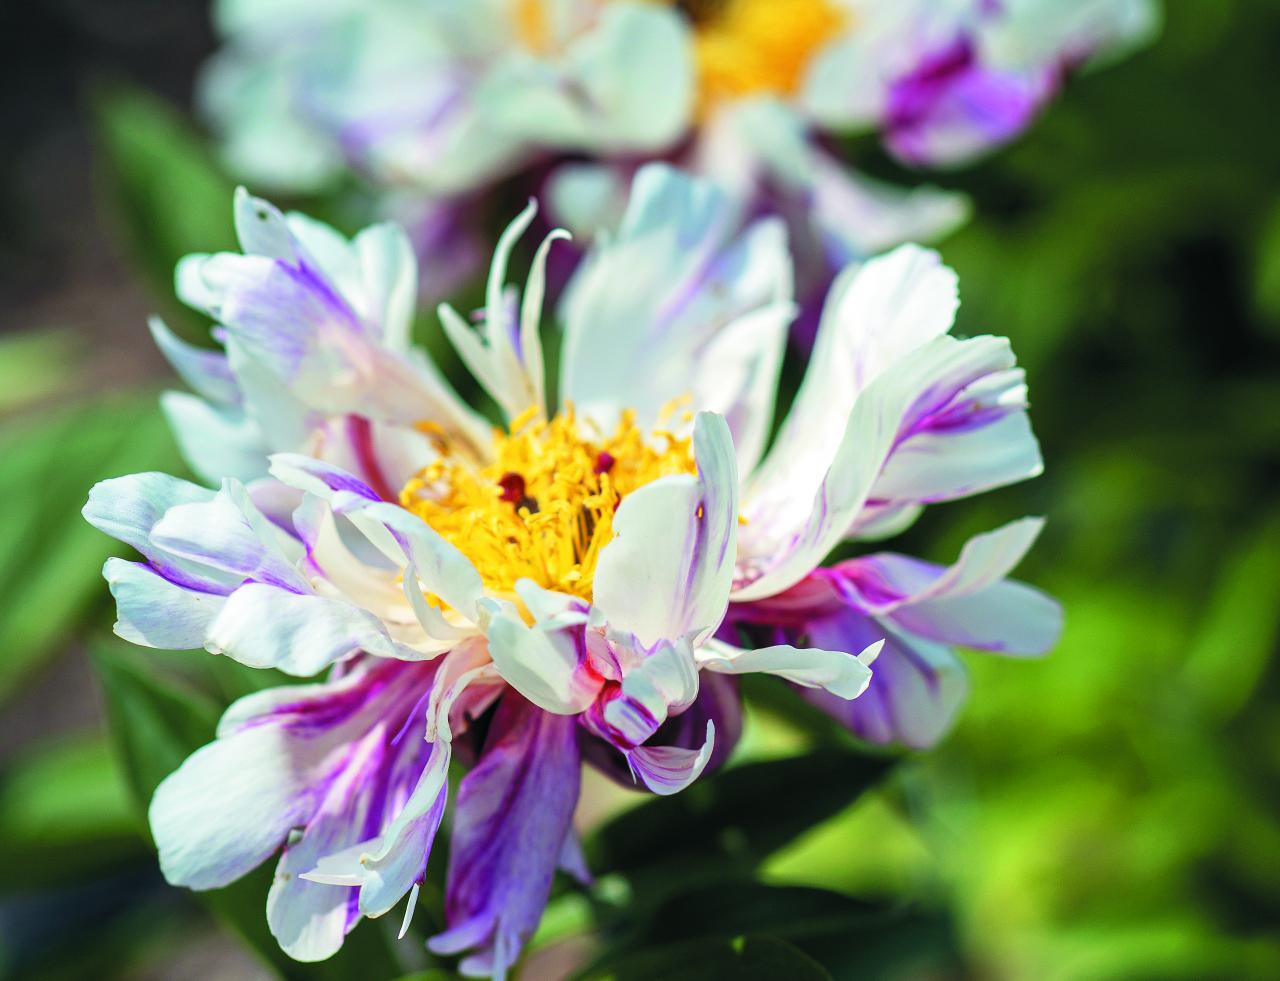 Circus Circus. Puspildīts, balts zieds ar sarkanrozā maliņām, šaurām, sašķeltām, kā virpulī savērptām ziedlapām un neregulāru bordo krāsas svītrojumu. Vidū dzeltenu putekšņlapu pušķis, kas izskatās kā plīvojoši dejotājas svārciņi. Viegls aromāts. Zieda diametrs ap 10 cm.